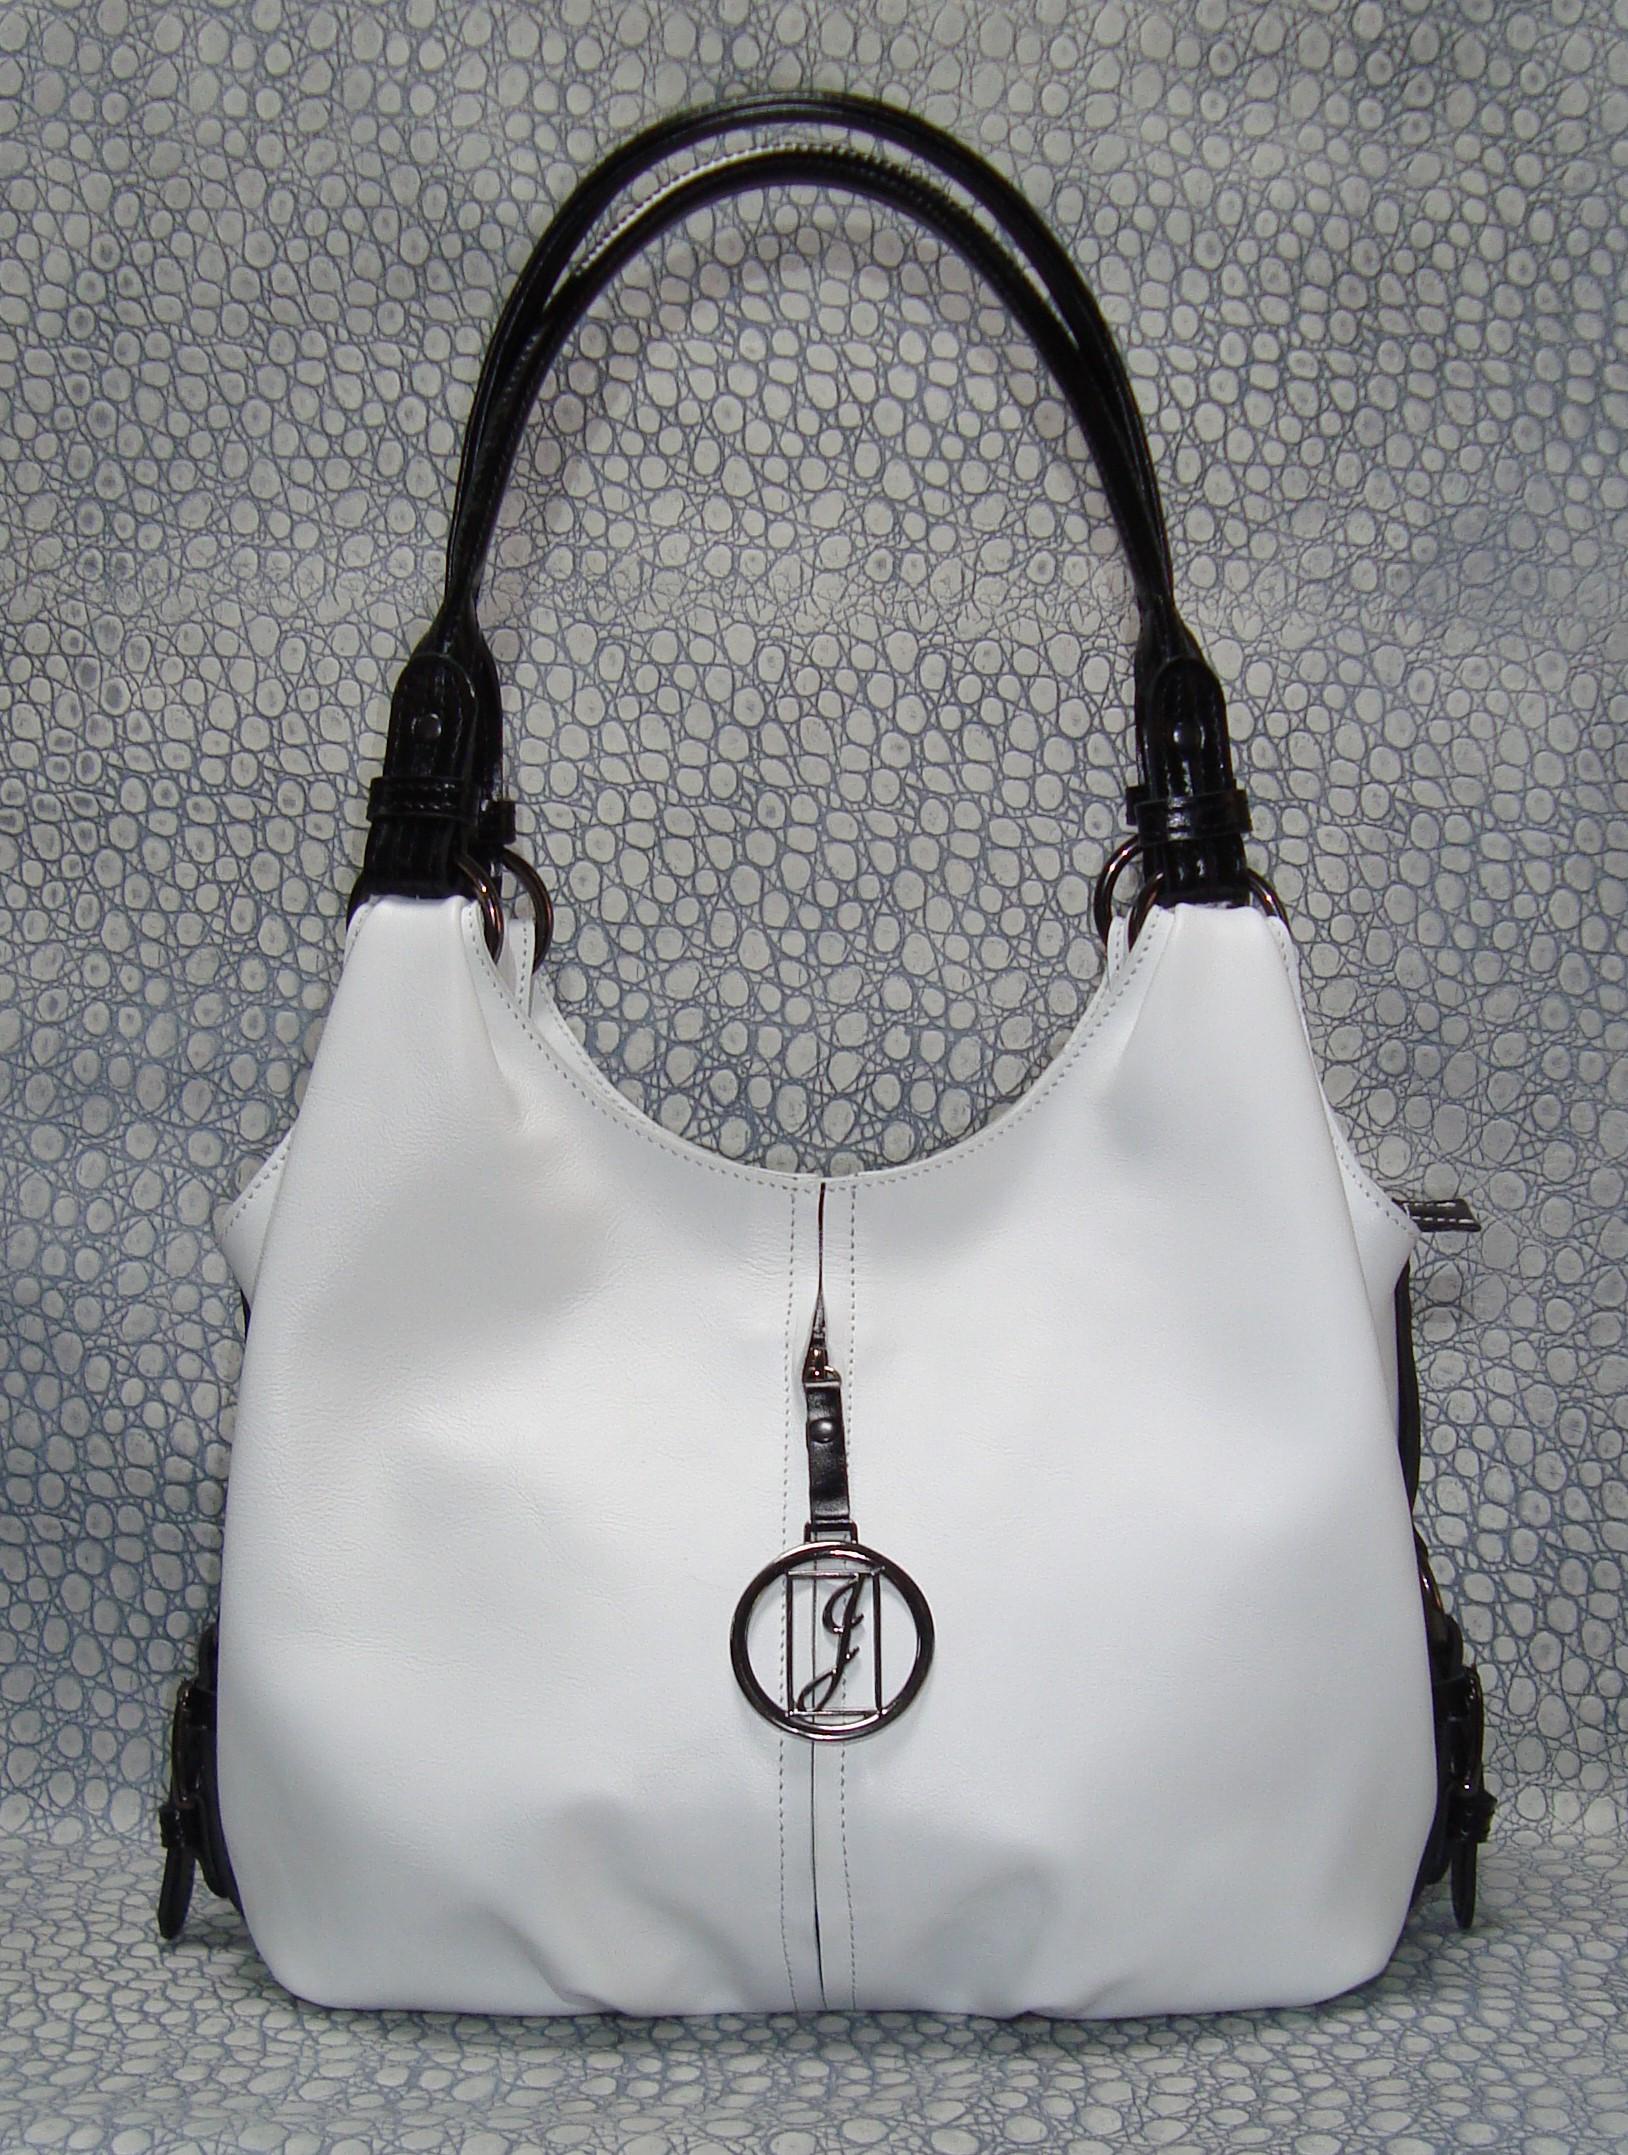 Сумка Модель № 36Сумки и др. изделия из кожи<br>Высота сумки: 28 см <br>Высота до ручек: 36см <br>Ширина сумки низ: 38 см <br>Ширина сумки верх: 36см <br>Ширина дна: 11 см <br>Длинна дна: 26см <br>Длинна ручек: 62 см<br><br>Тип: Сумка<br>Размер: -<br>Материал: Натуральная кожа